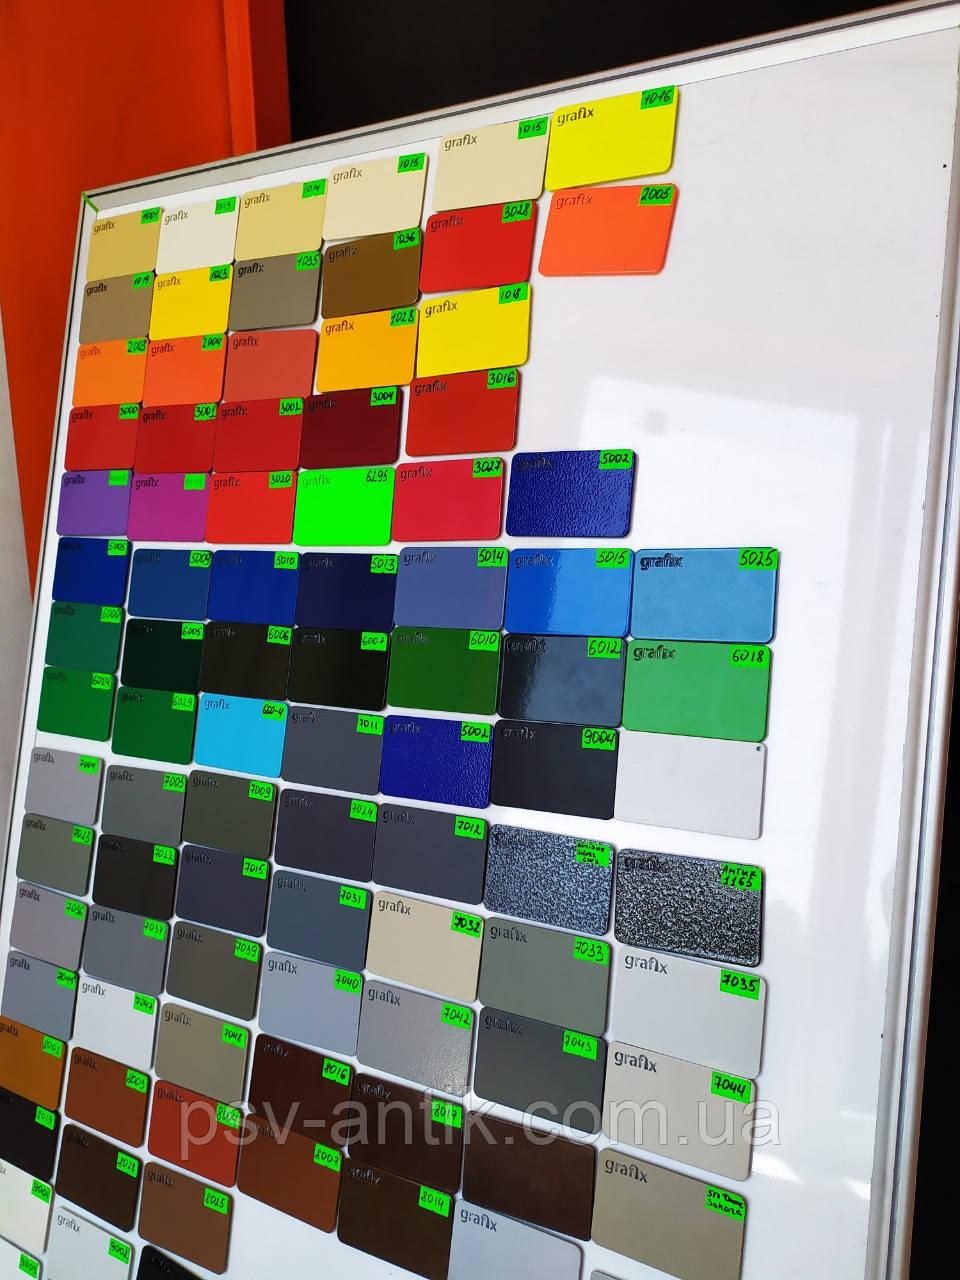 Порошковая краска матовая, полиэфирная, архитектурная, 7004